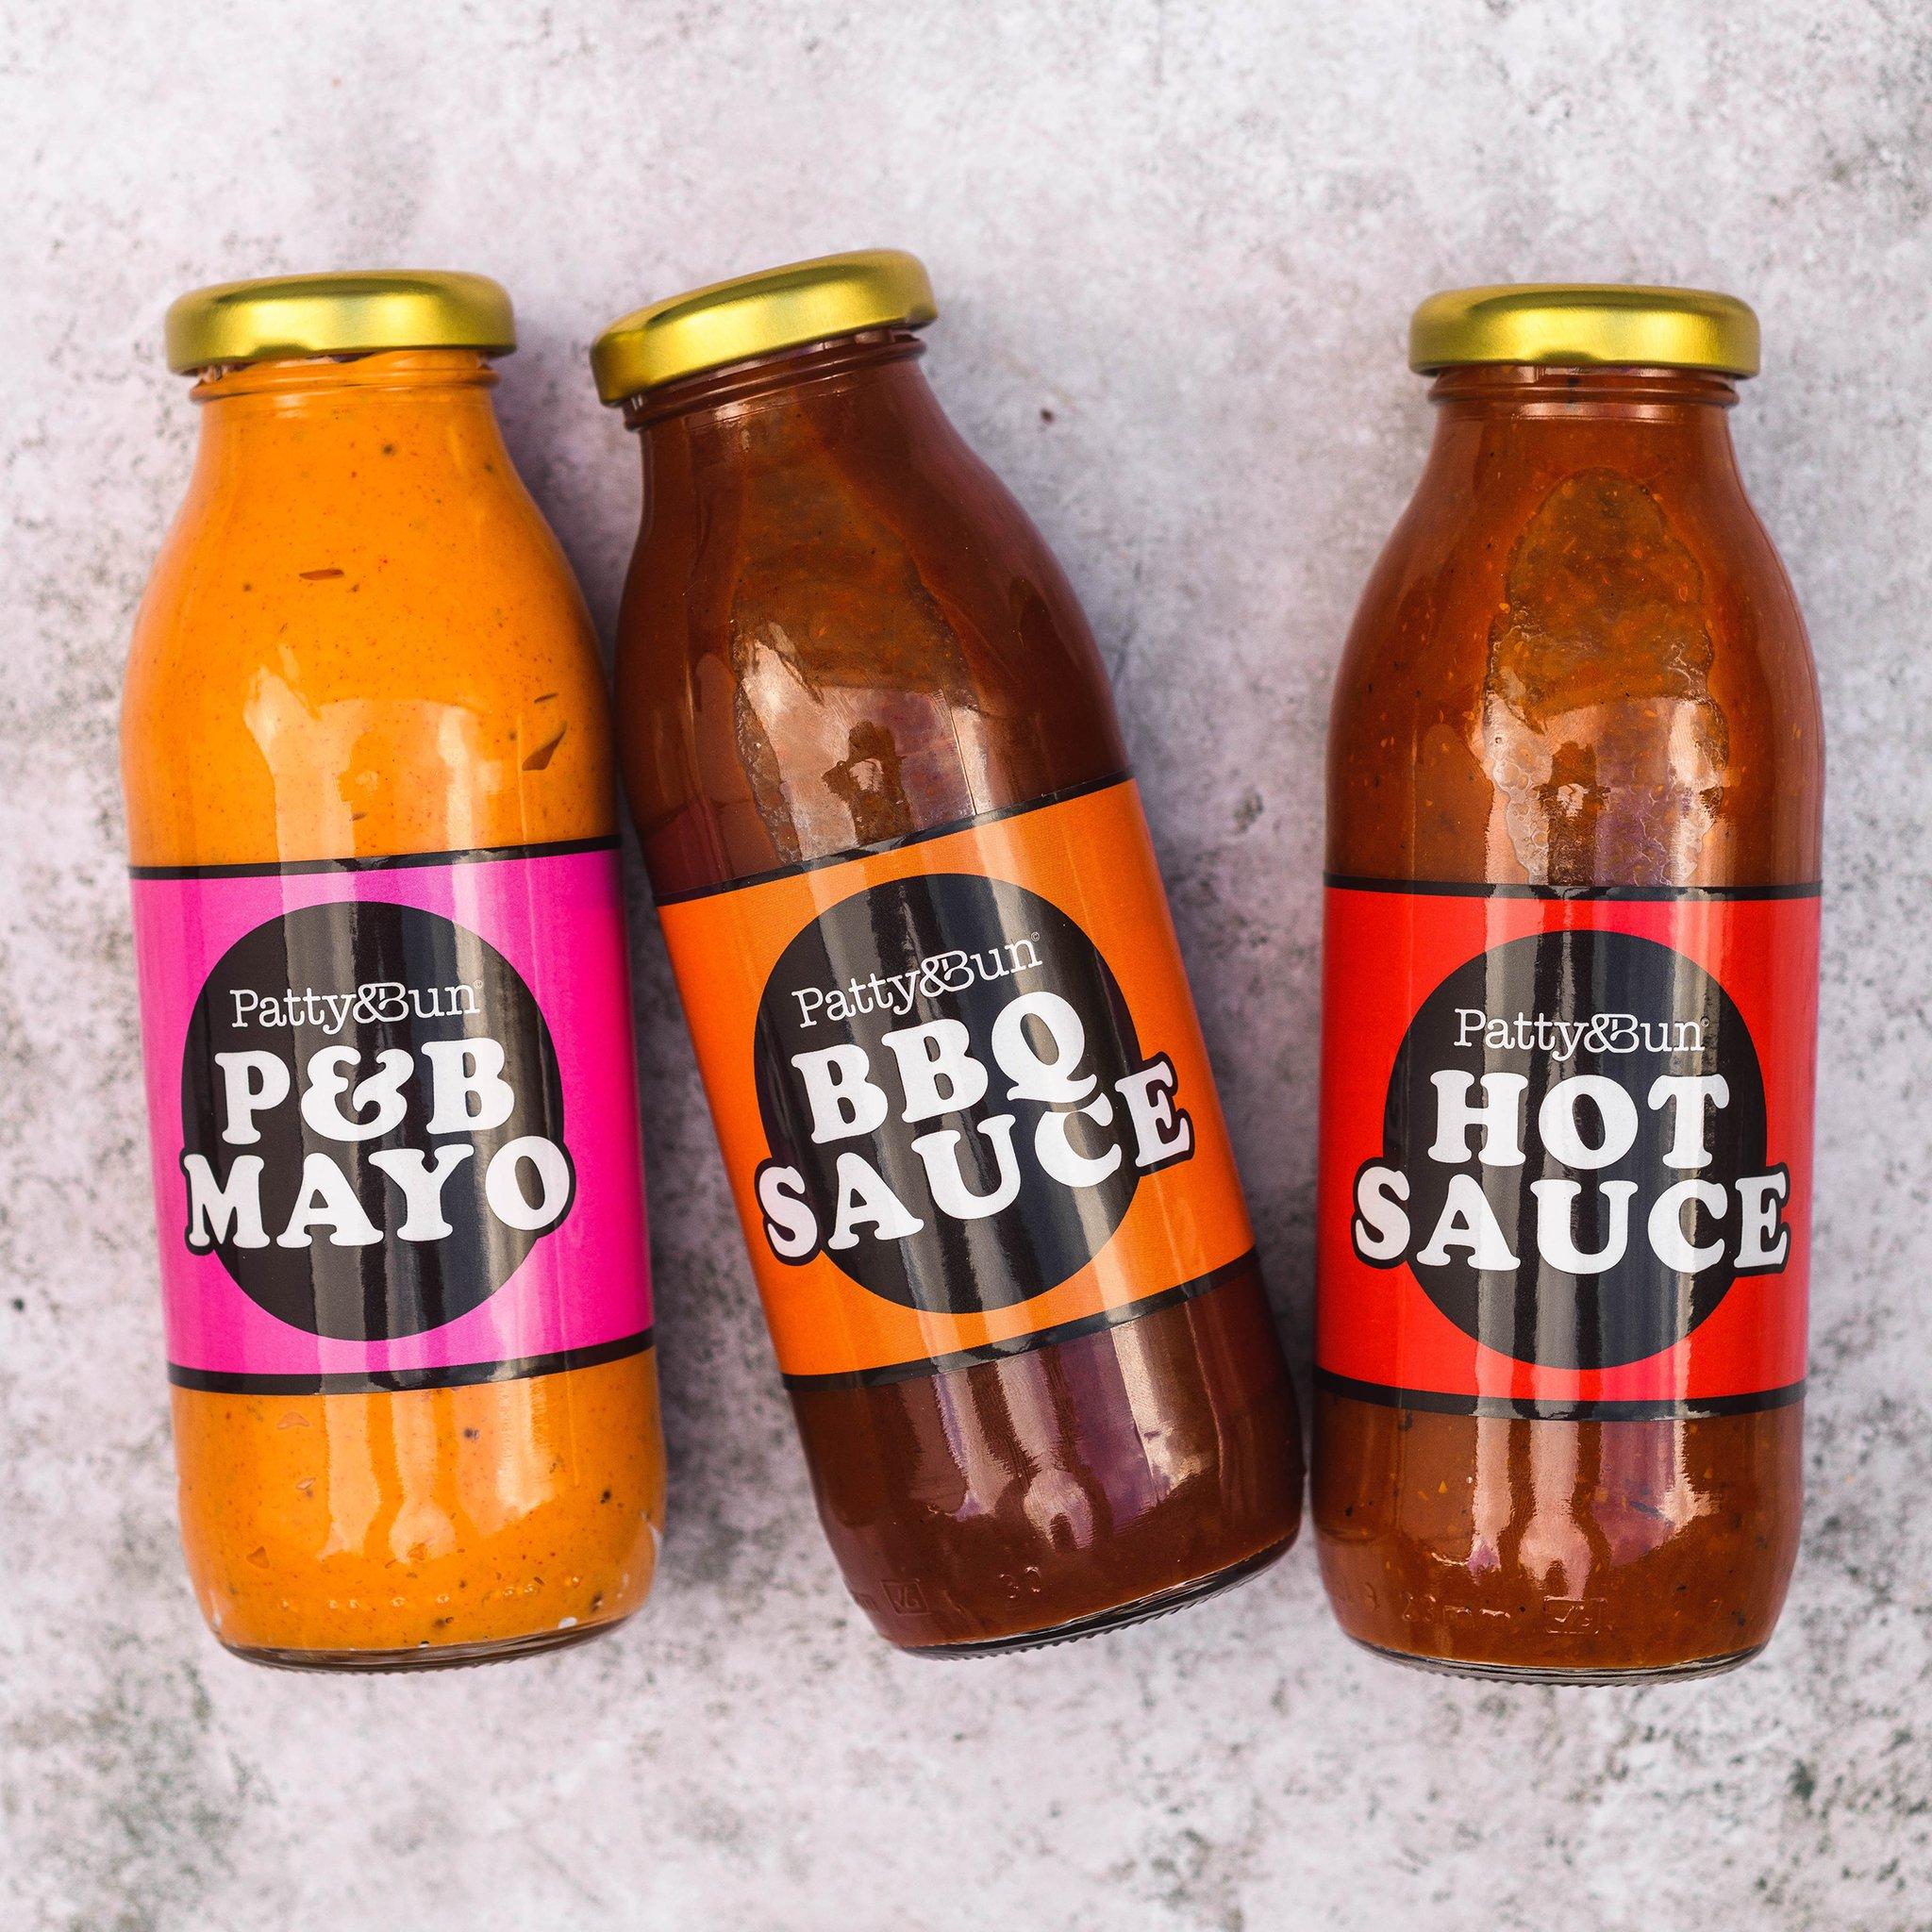 Patty&Bun Sauce Multipack